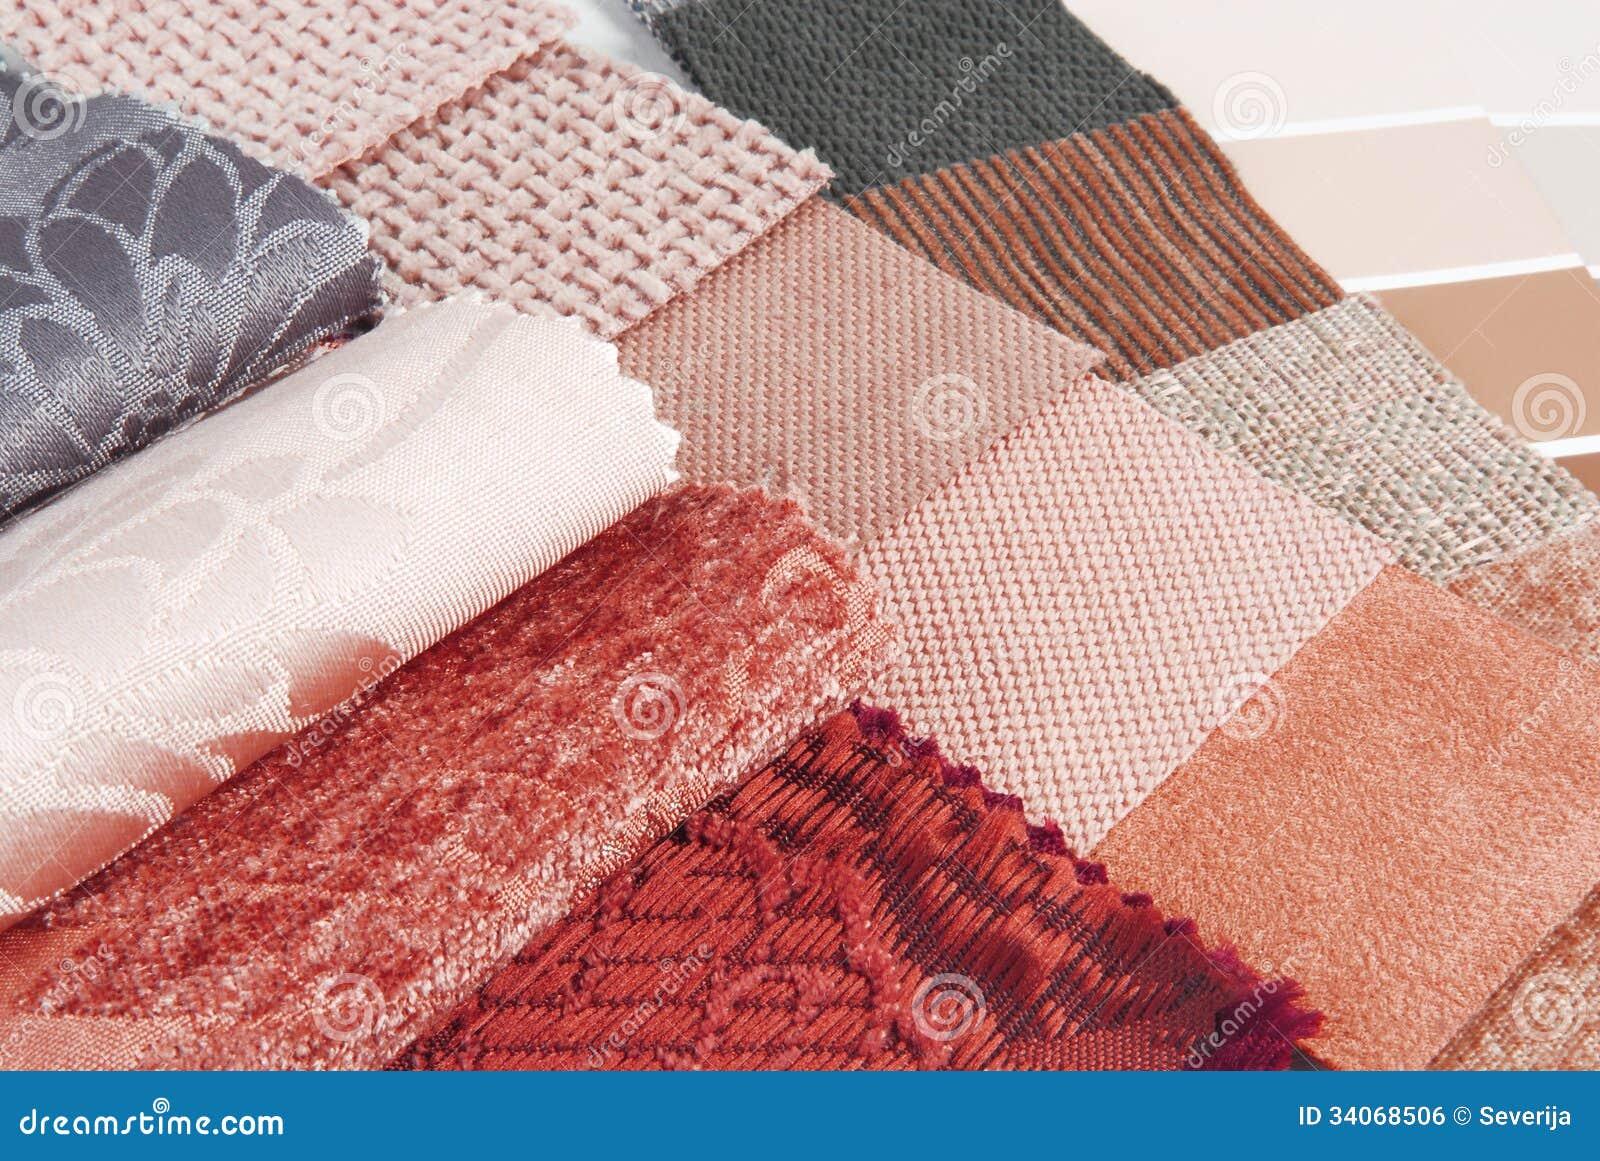 Seleção de cor da tapeçaria e da cortina de estofamento